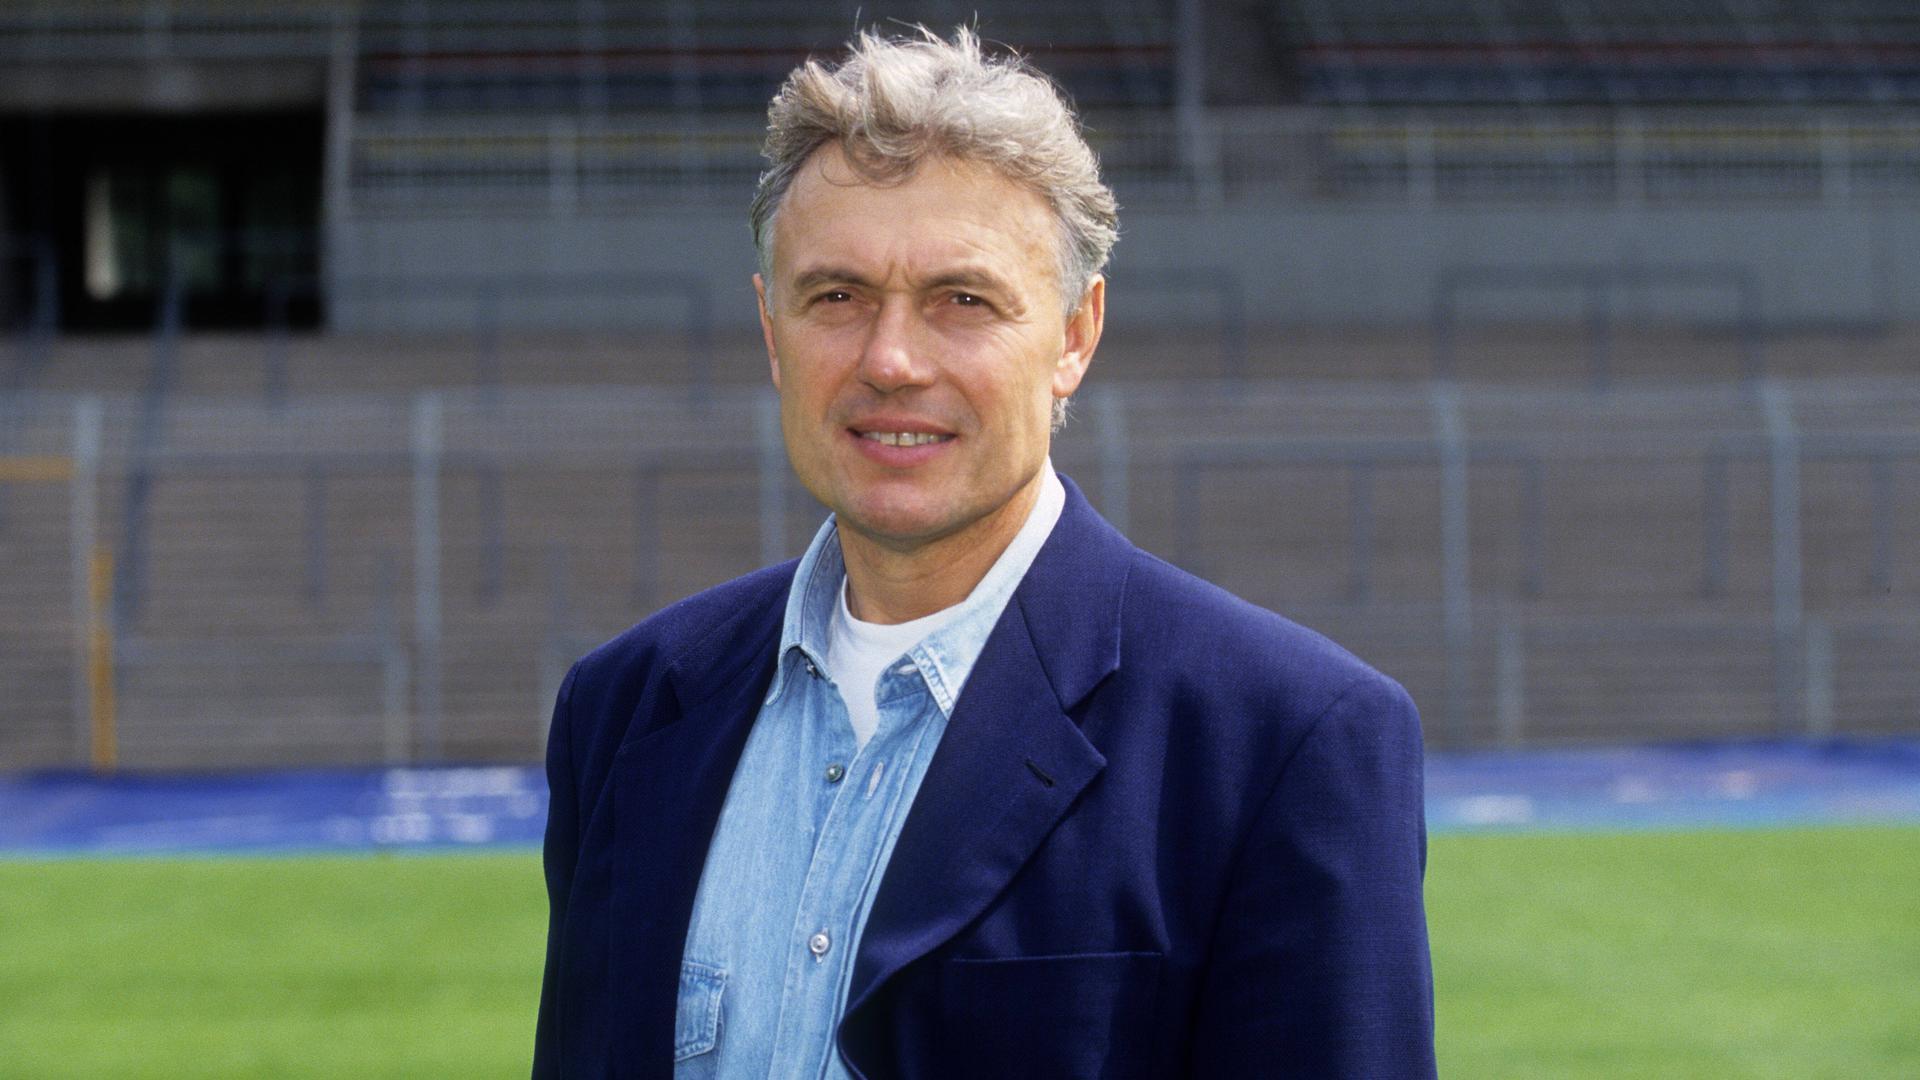 Die Karlsruher Fußballlegende Carl-Heinz Rühl ist tot. Der ehemalige Trainer und Manager des KSC verstarb am 30. Dezember 2019 nach kurzer Krankheit. Rühl wurde 80 Jahre alt. Weggefährten schätzten den gebürtigen Berliner als Freund.